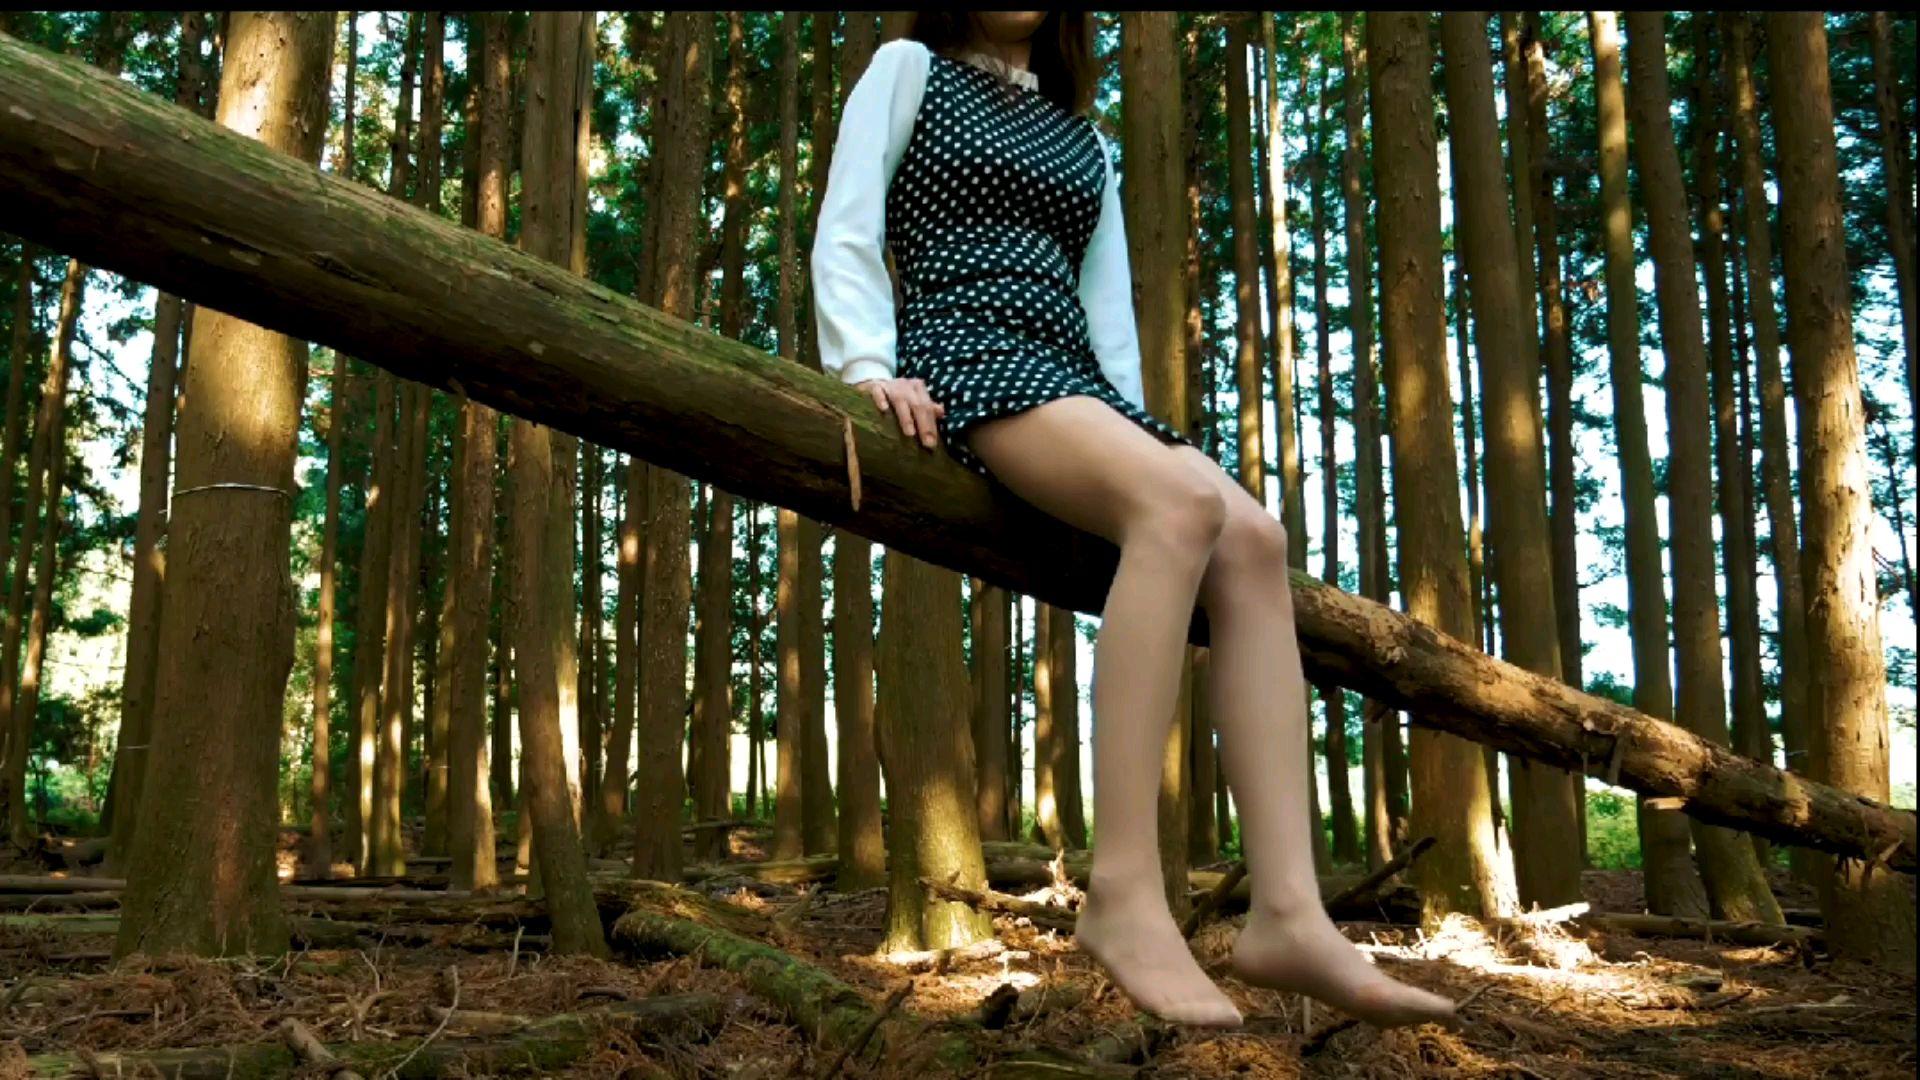 星云摄影:清纯少女,森林精灵